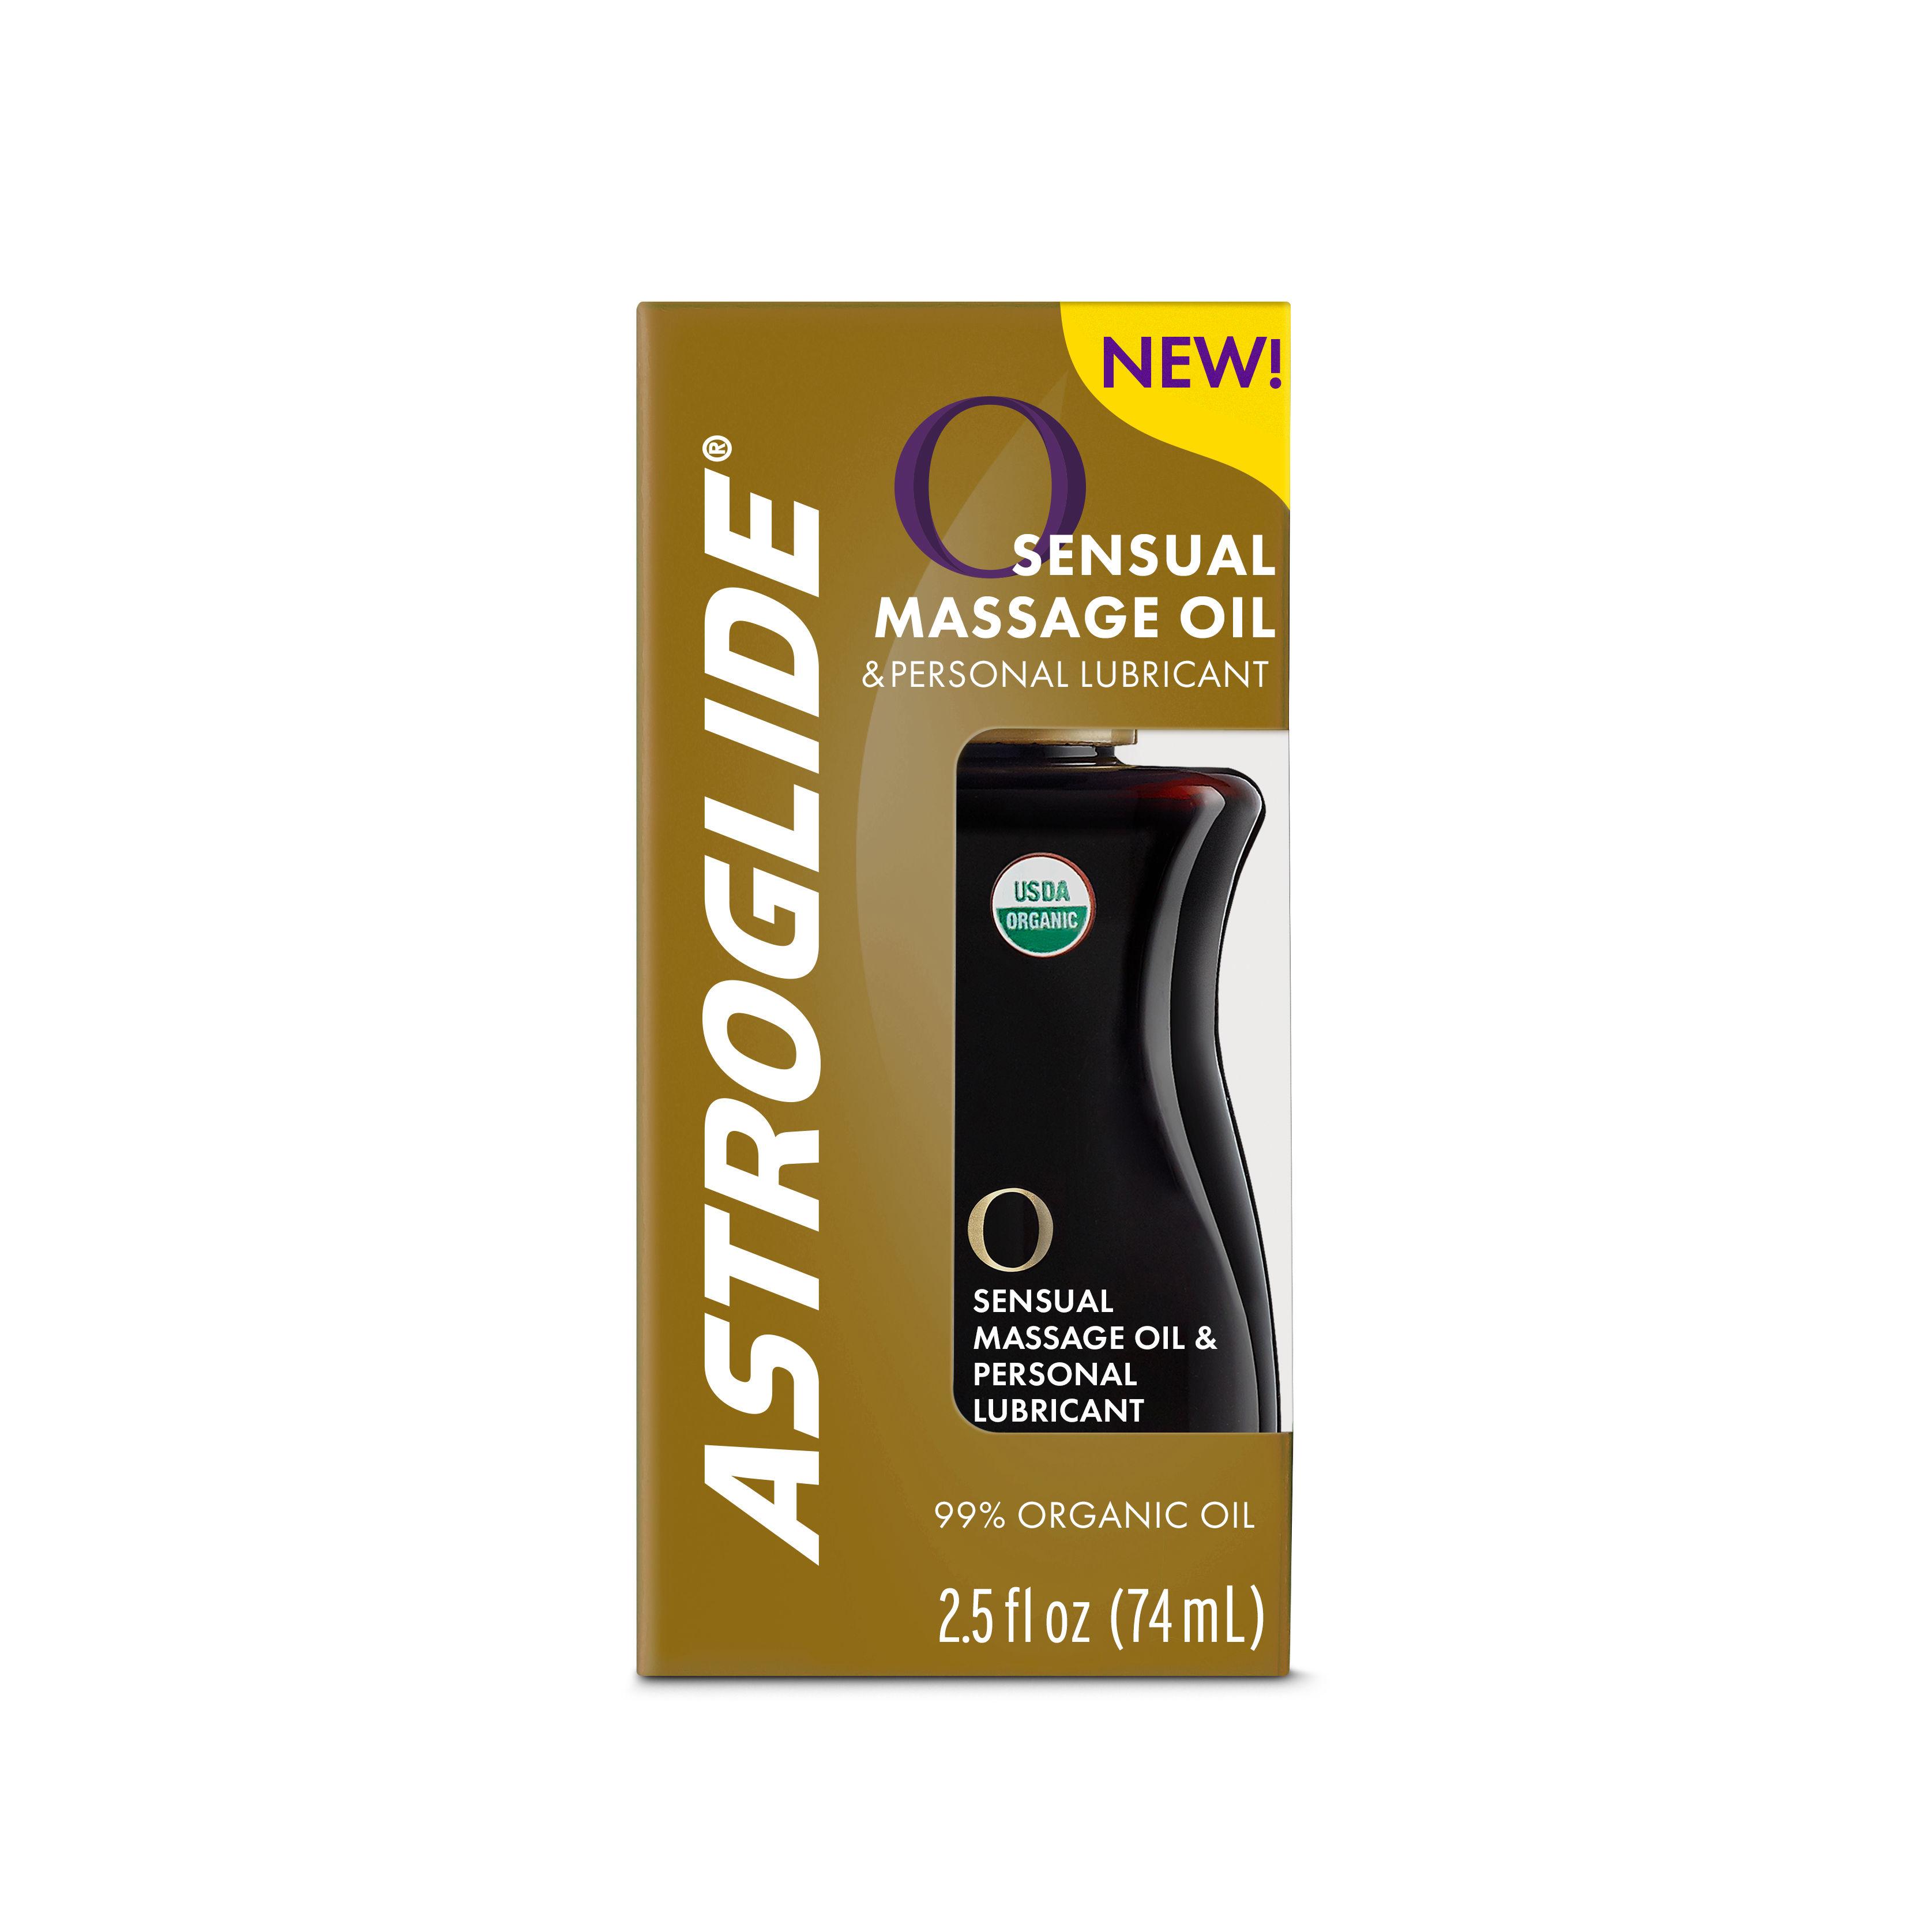 Astroglide Organic Oil Personal Lubricant & Massage Oil 74ml